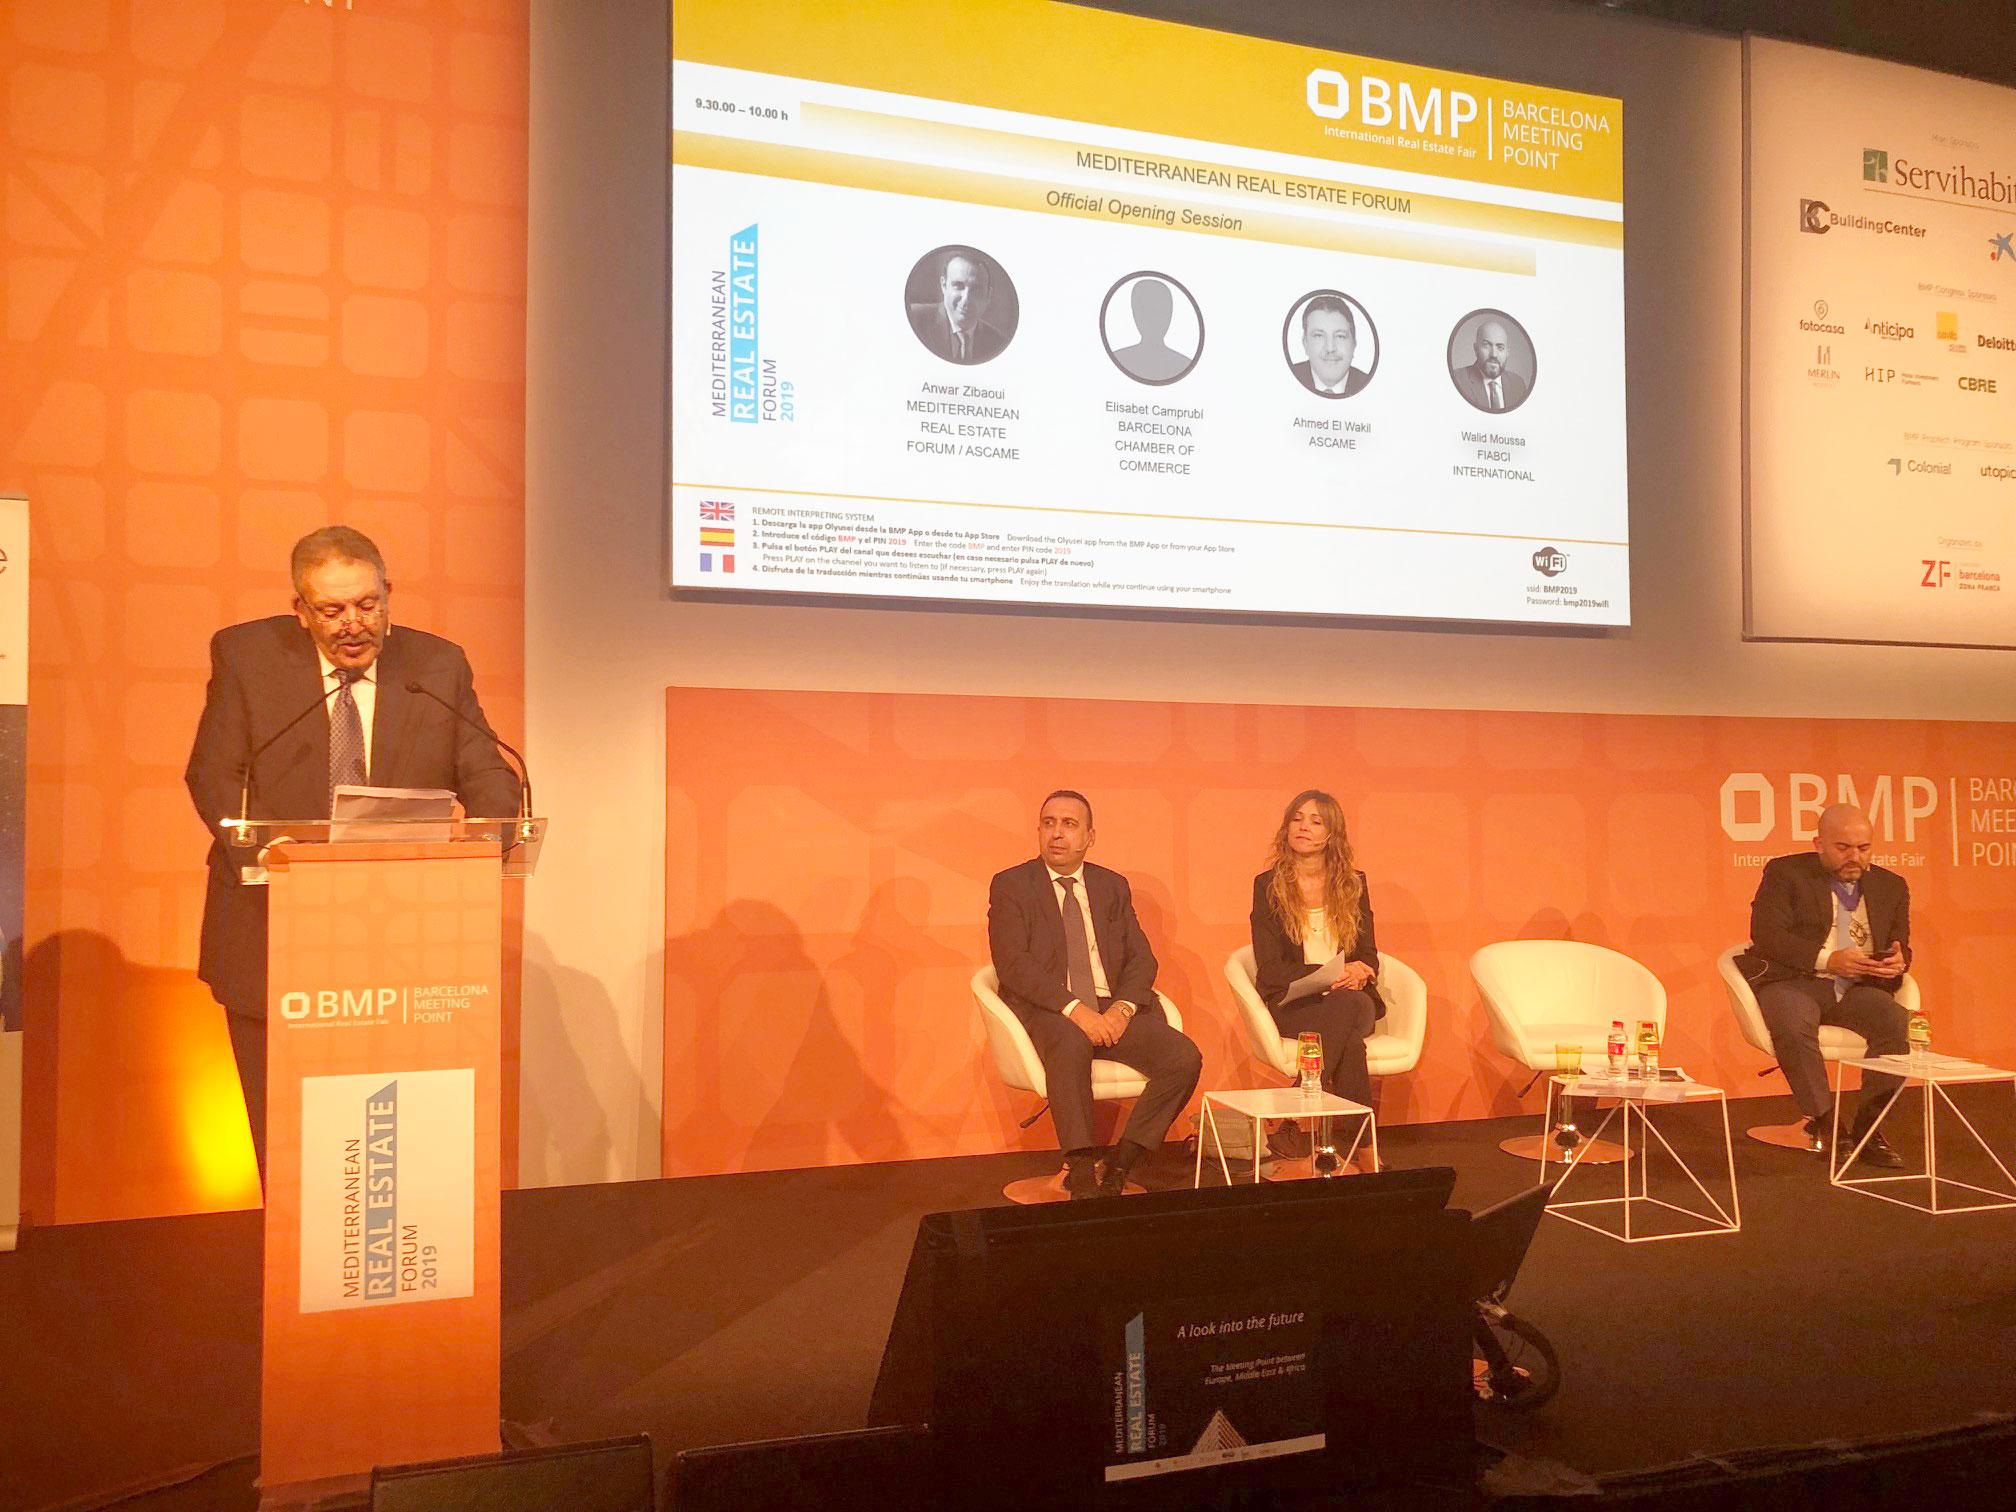 se celebra la primera edición del mediterranean real estate forum en el marco de bmp 2019